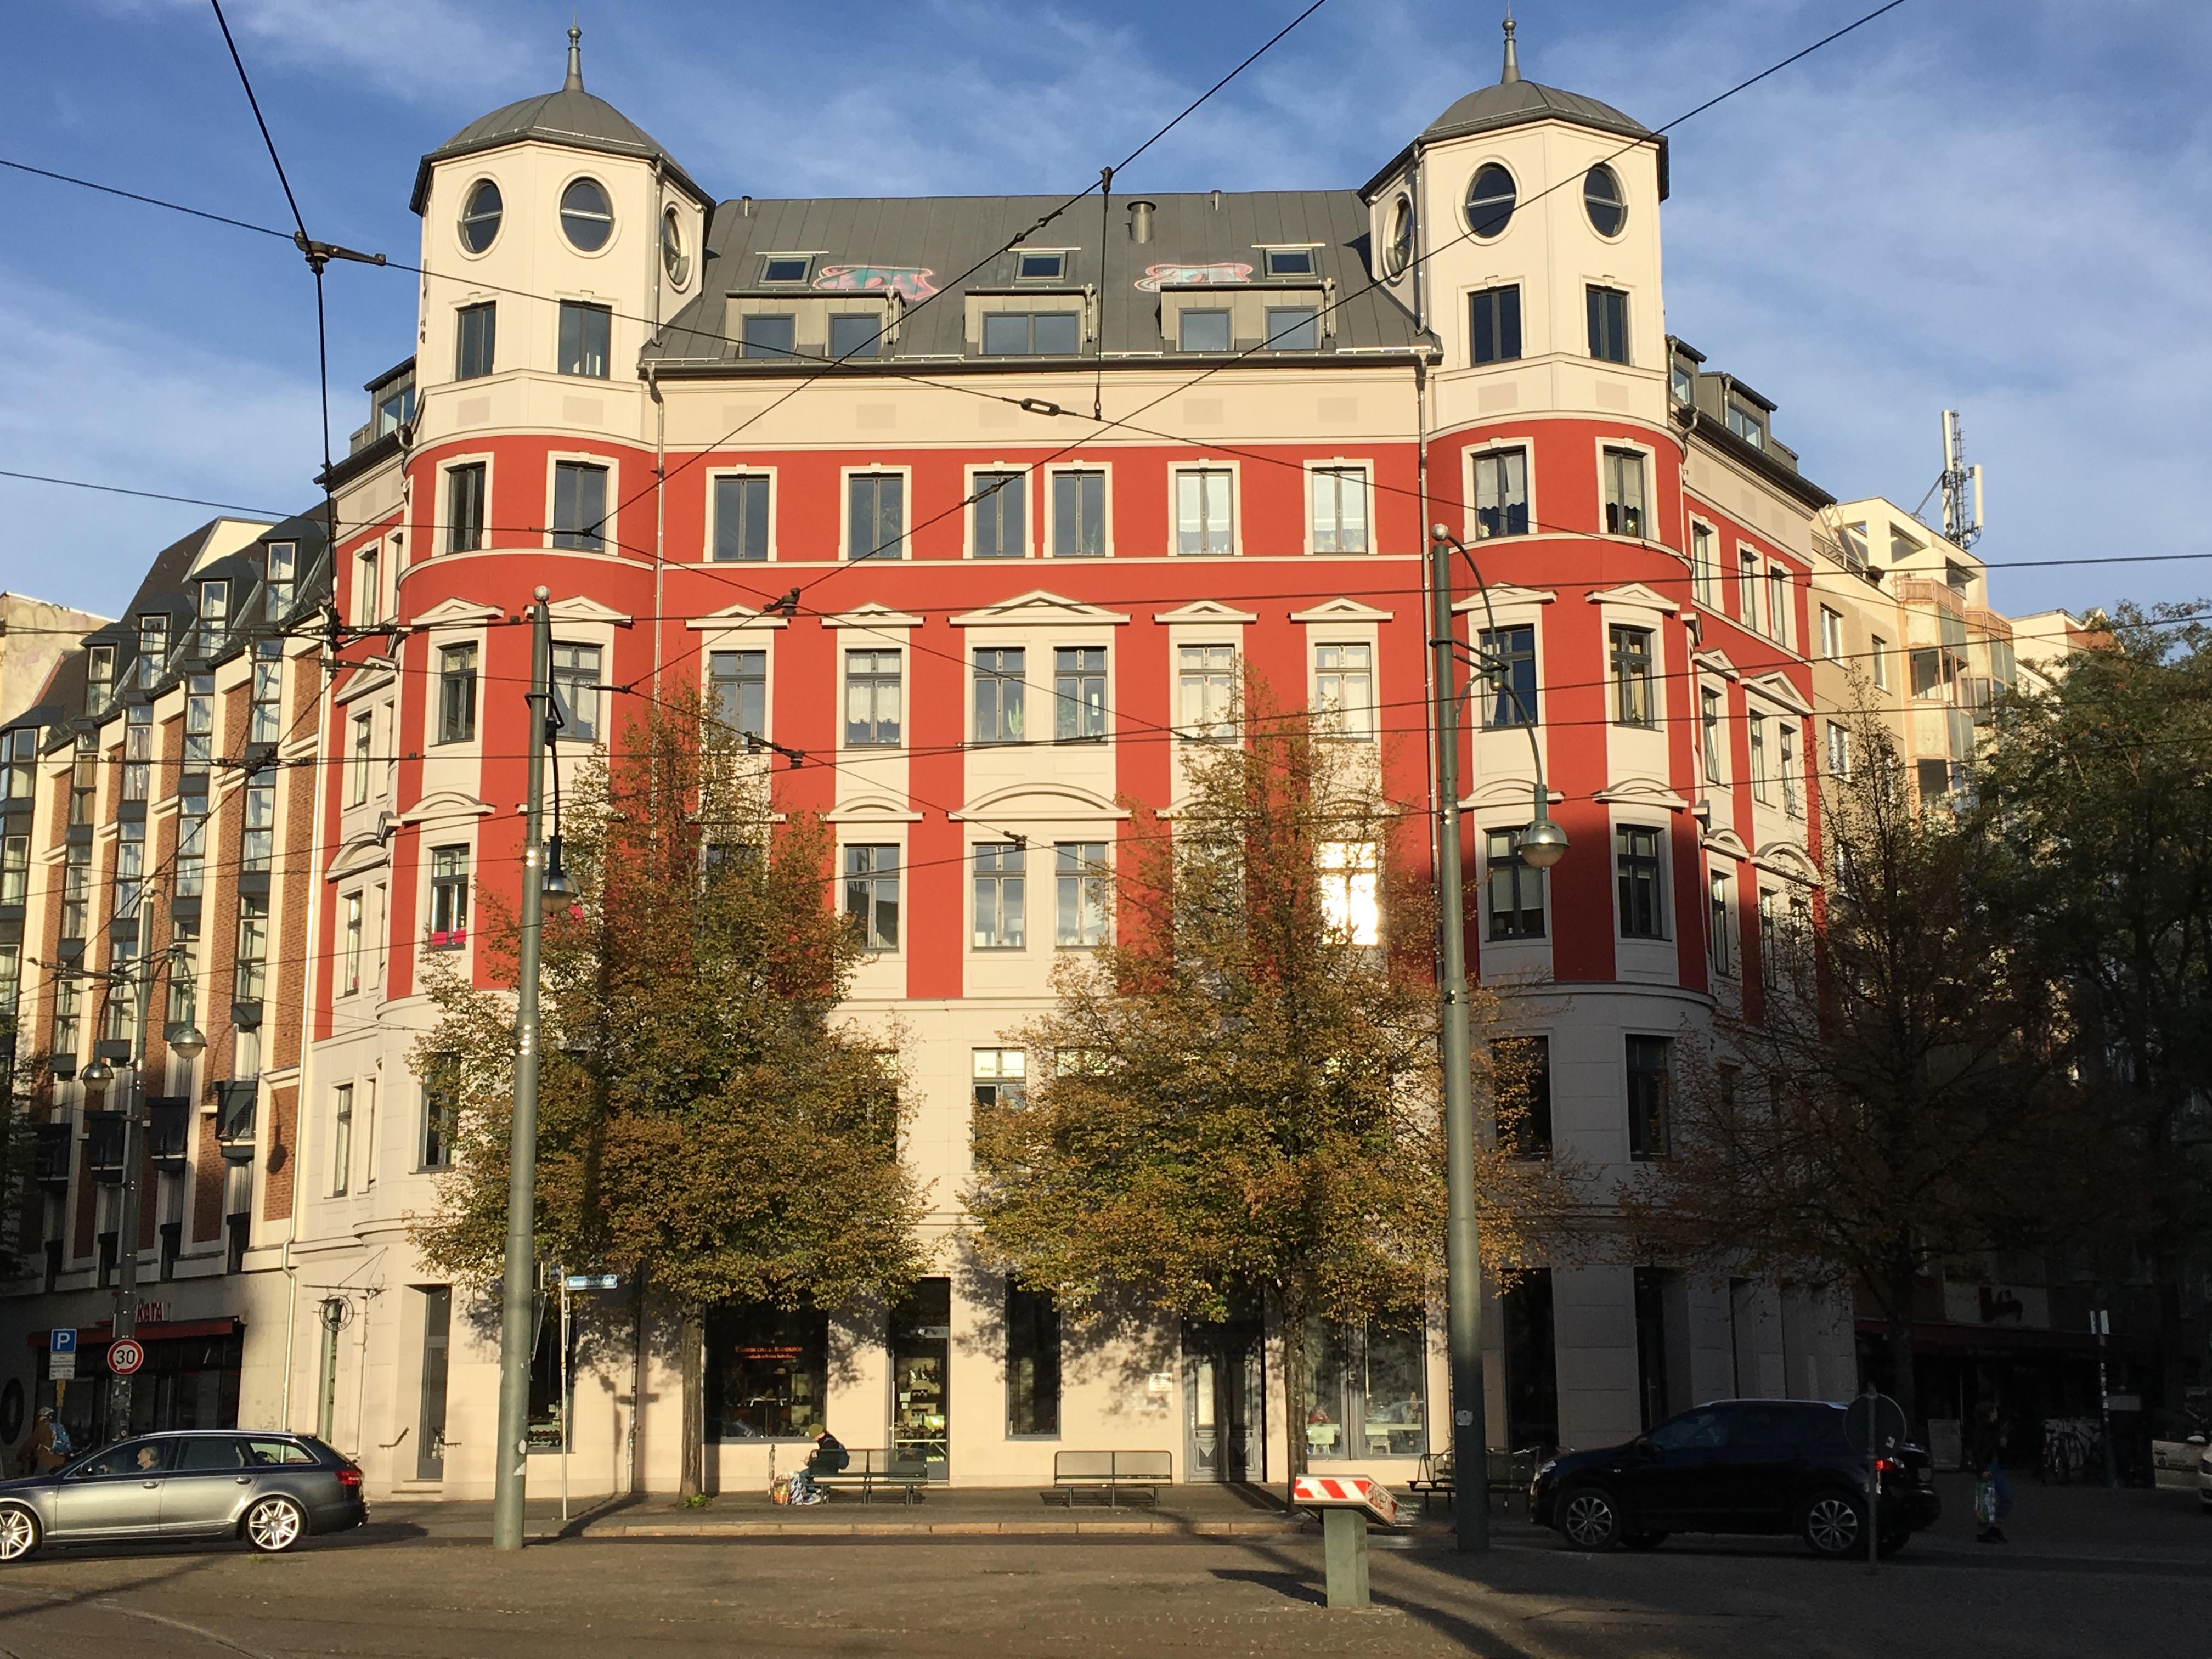 Hasselbachplatz Altstadt Vermietung